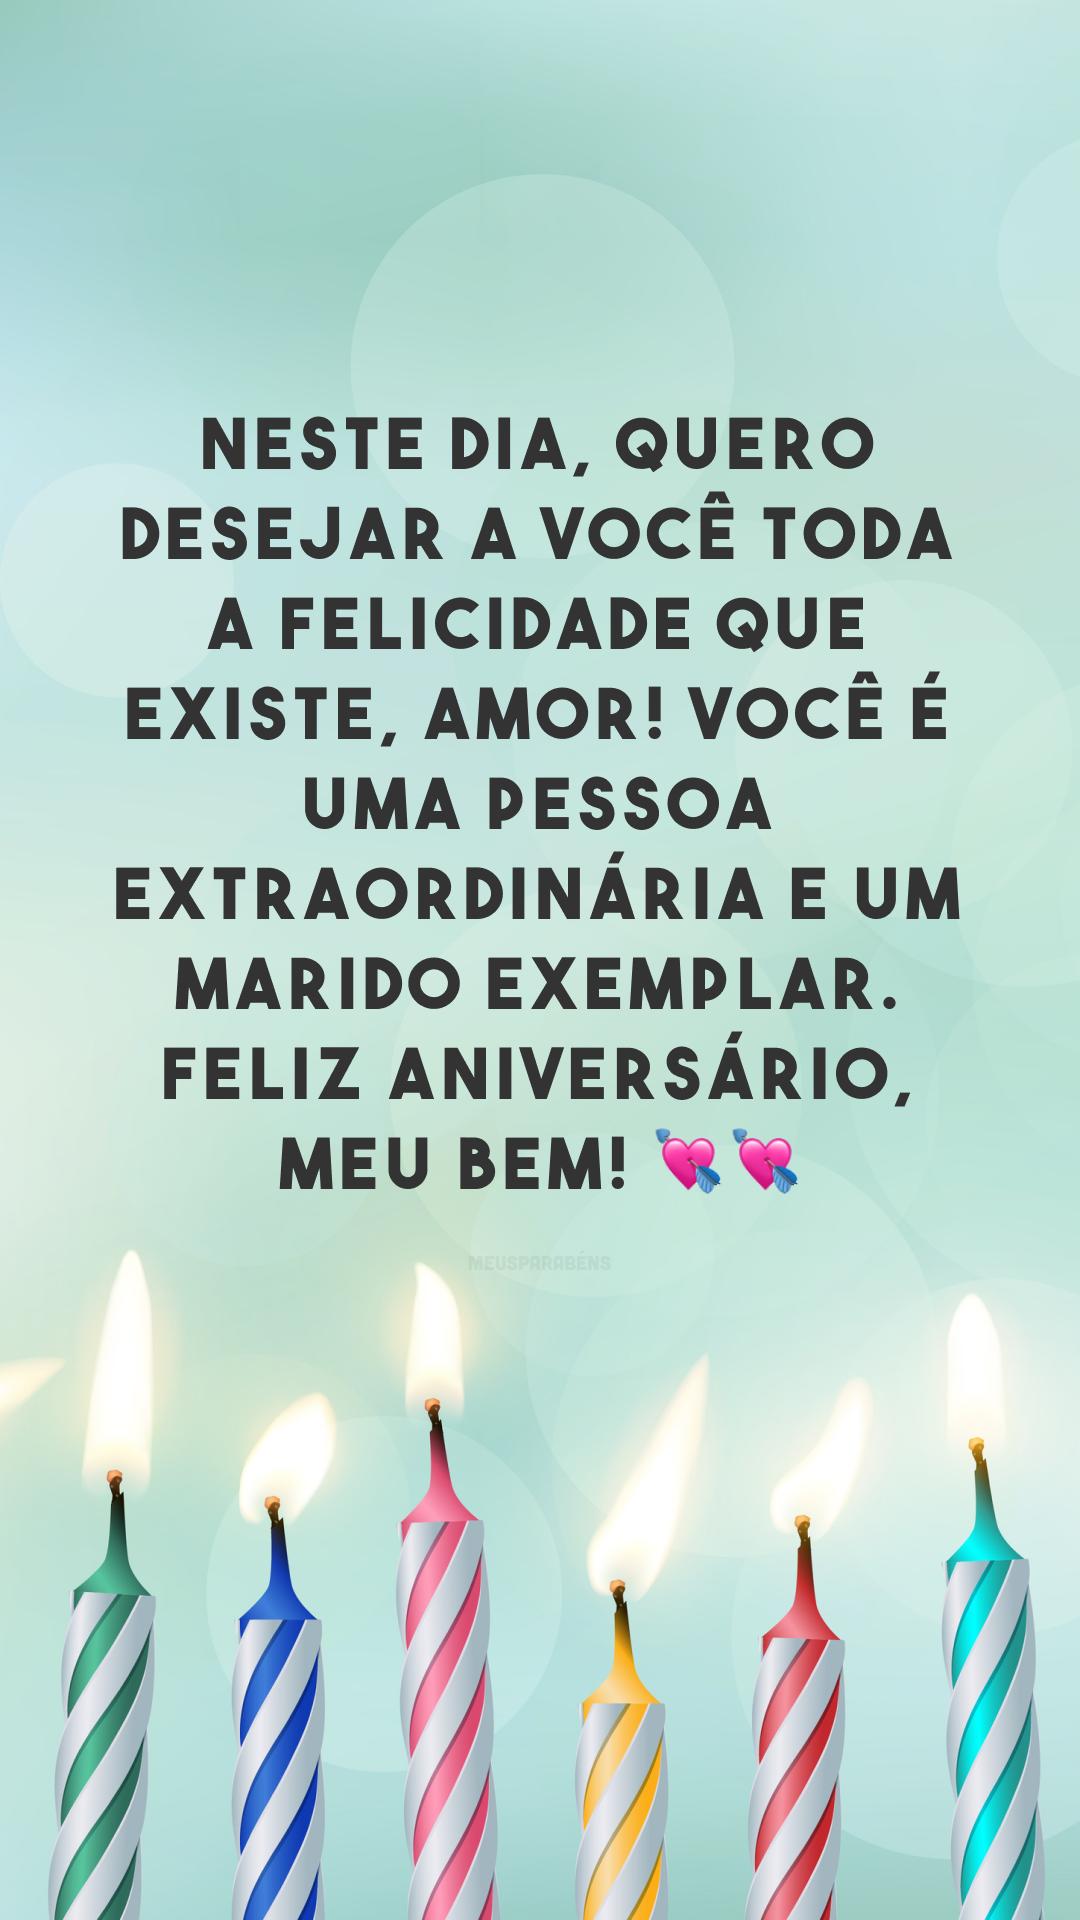 Neste dia,quero desejar a você toda a felicidade que existe, amor! Você é uma pessoa extraordinária e um marido exemplar. Feliz aniversário, meu bem! 💘💘